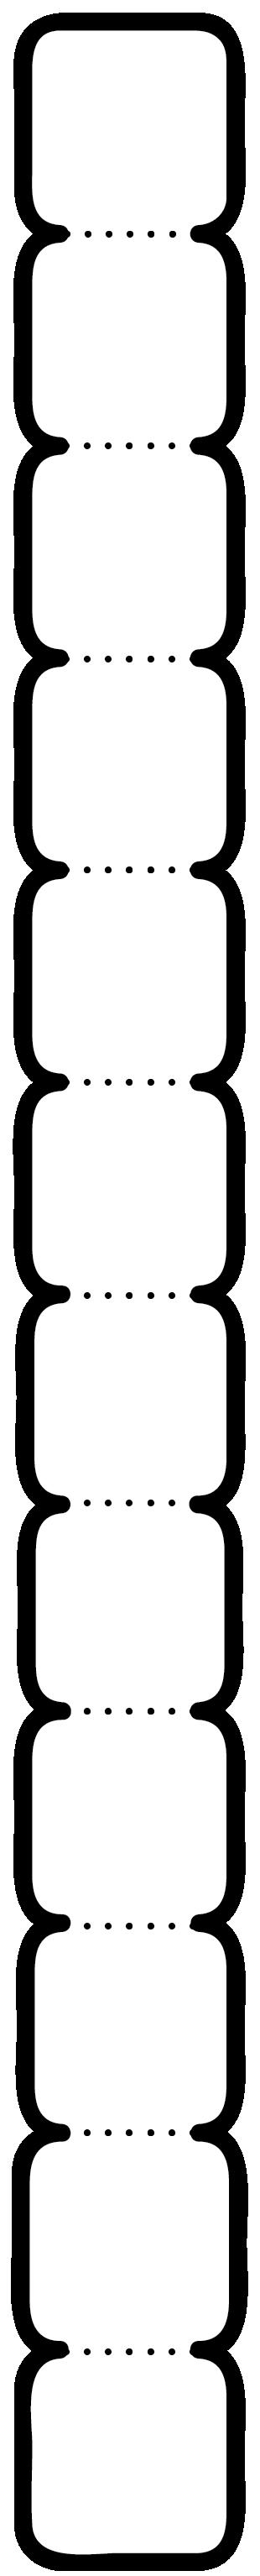 12'li Köşeleri yuvarlatılmış kare not yazma şablonu